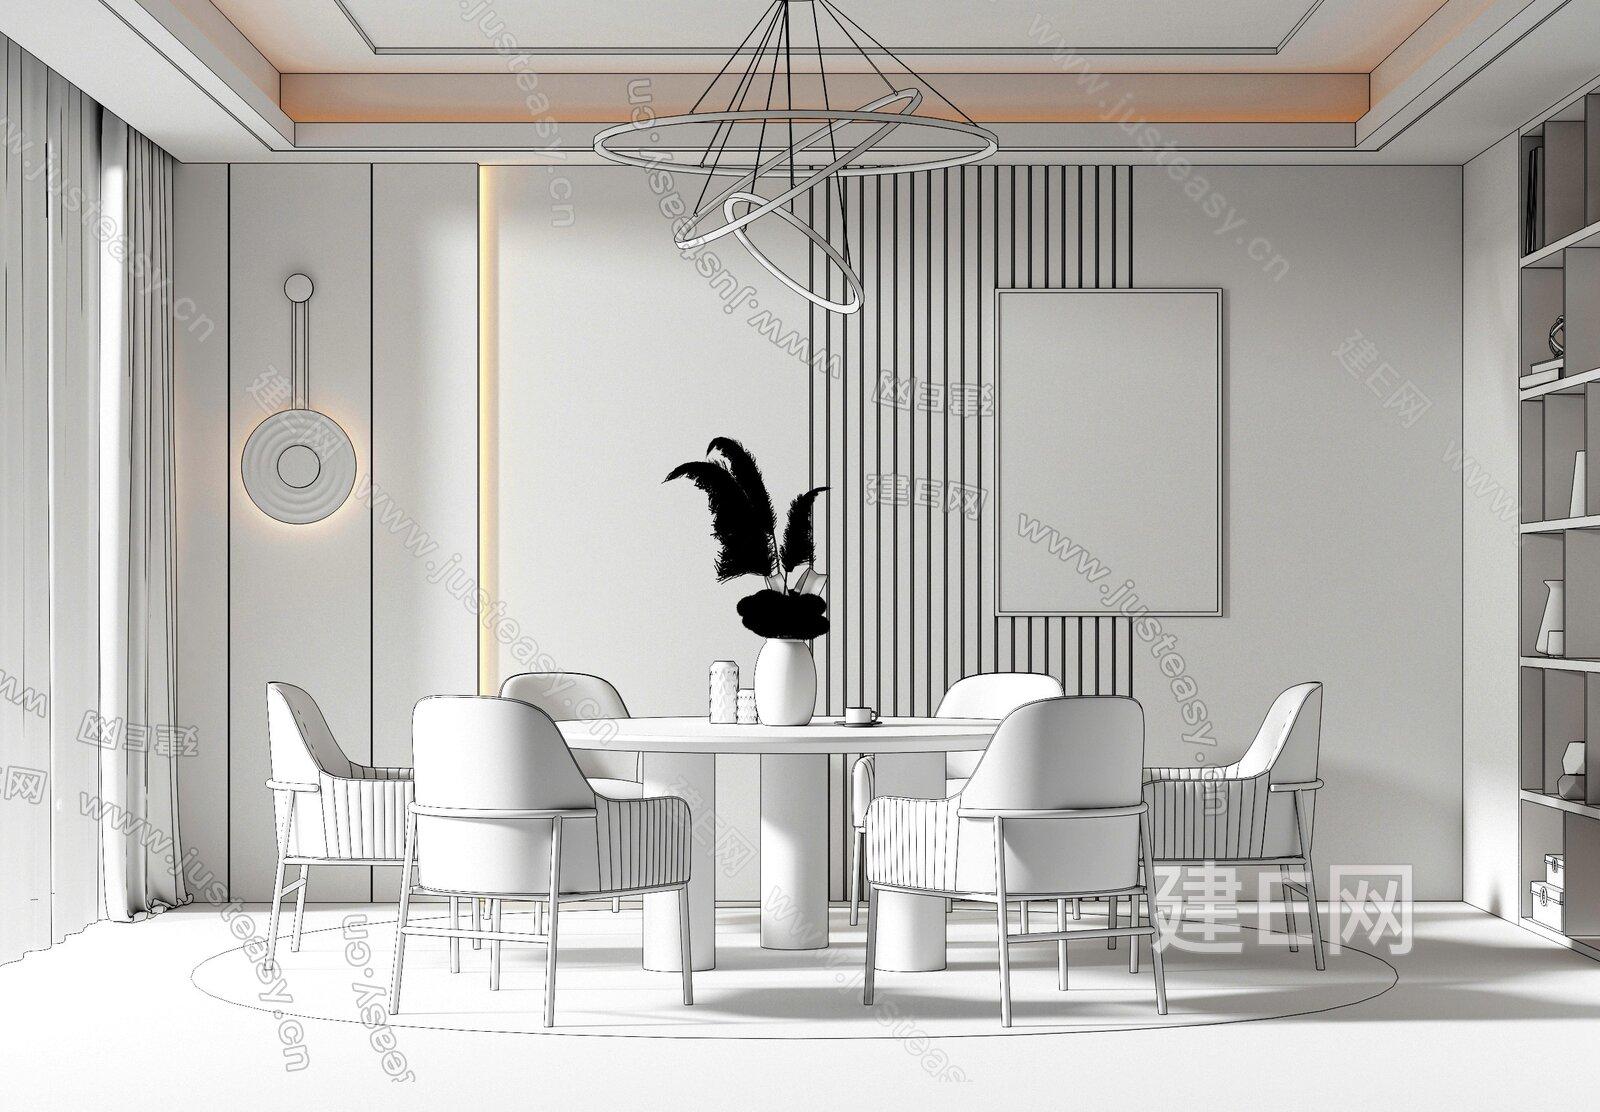 现代轻奢餐厅 3d模型